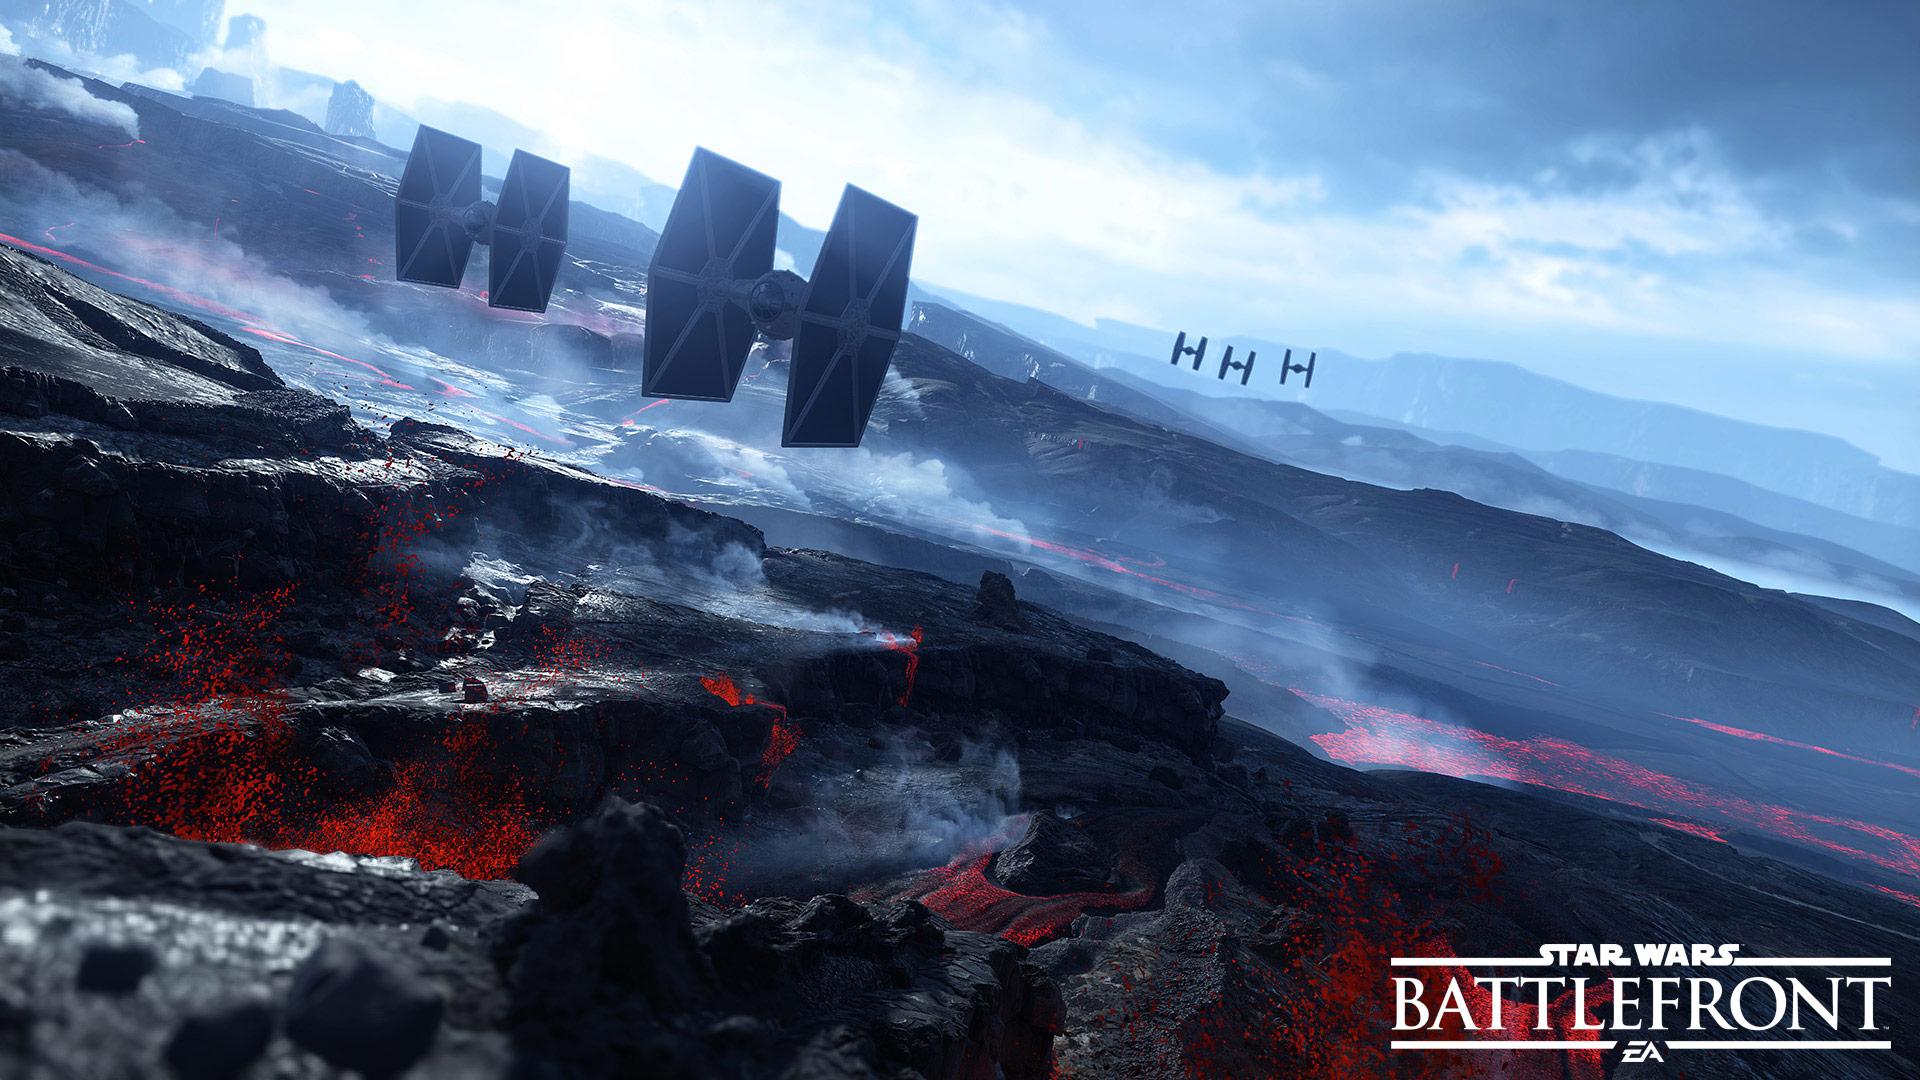 DICE přibližuje planetu Sullust ve Star Wars: Battlefront 108655